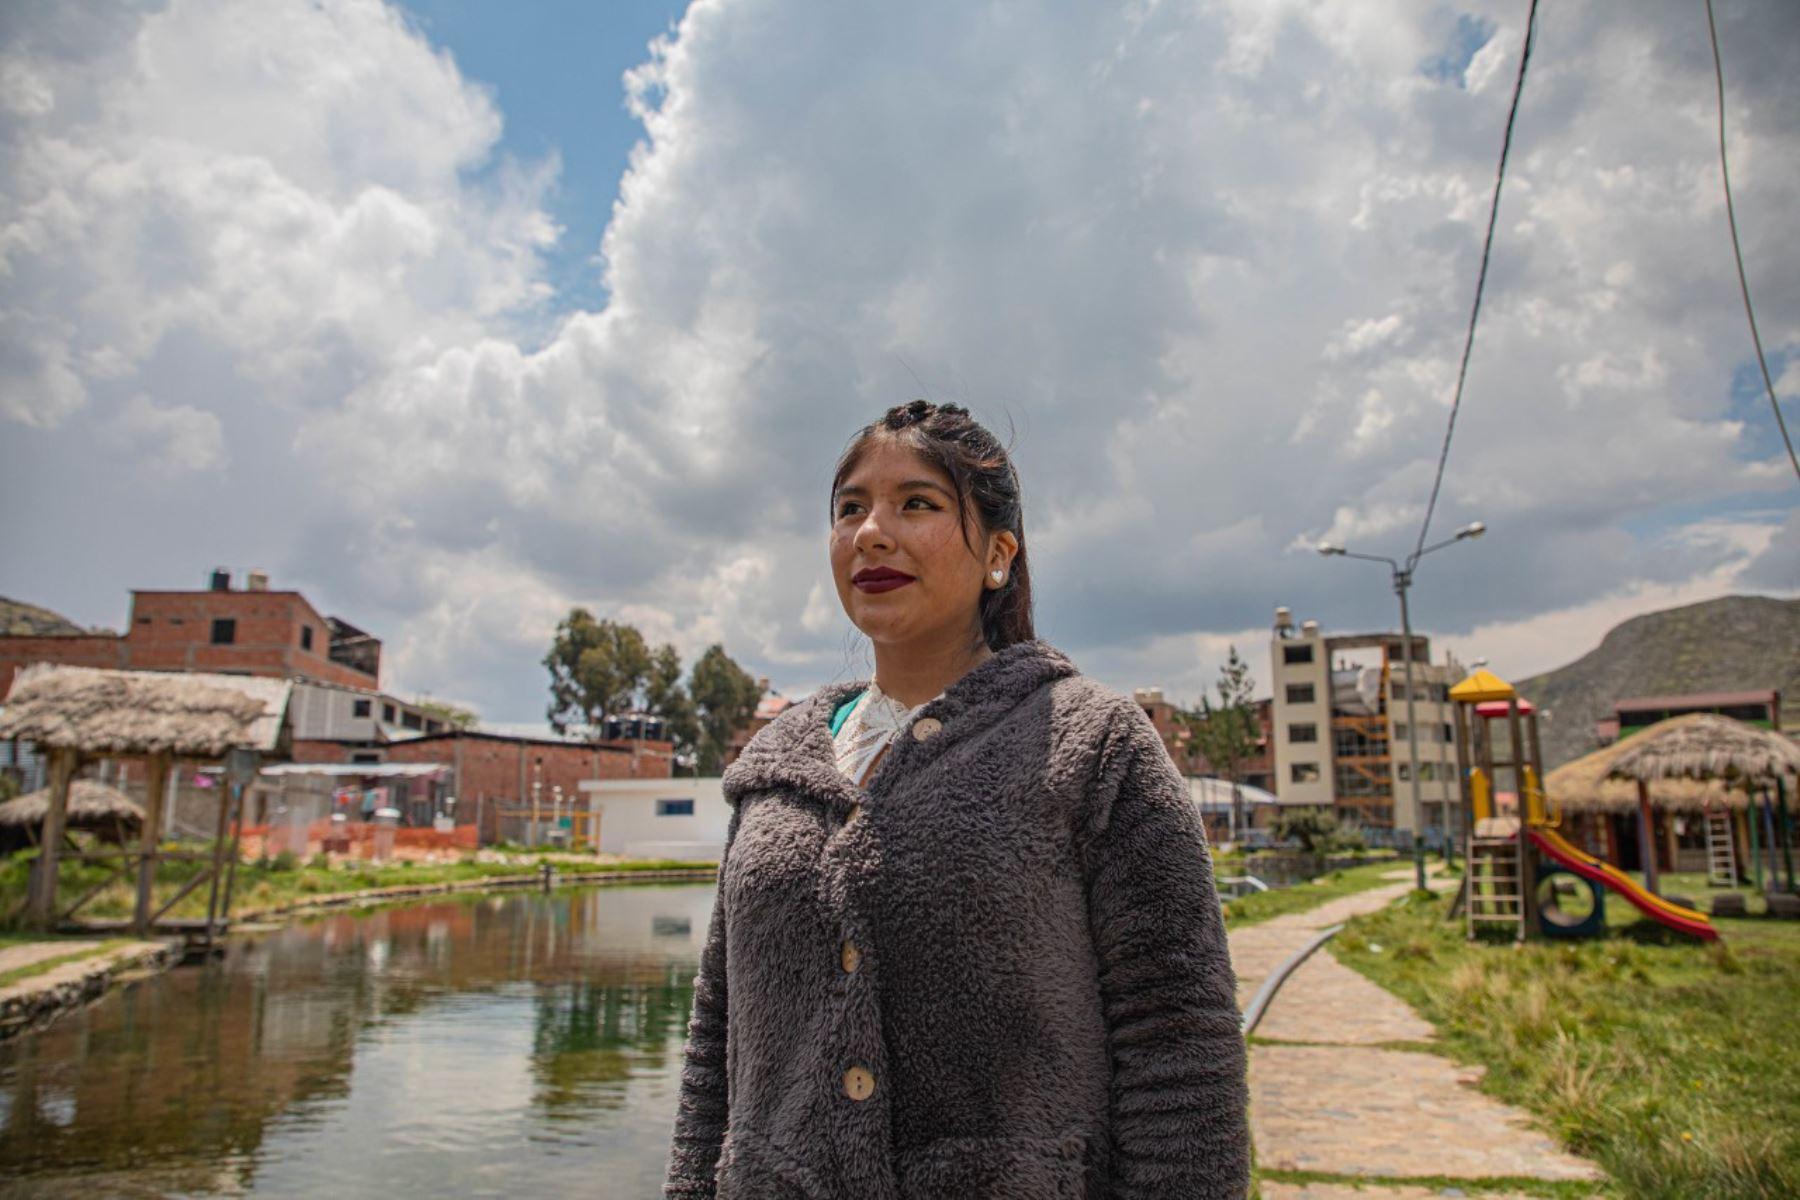 Kari Aymachoqque, la becaria del Estado que ha hecho historia en Ccollpayocc